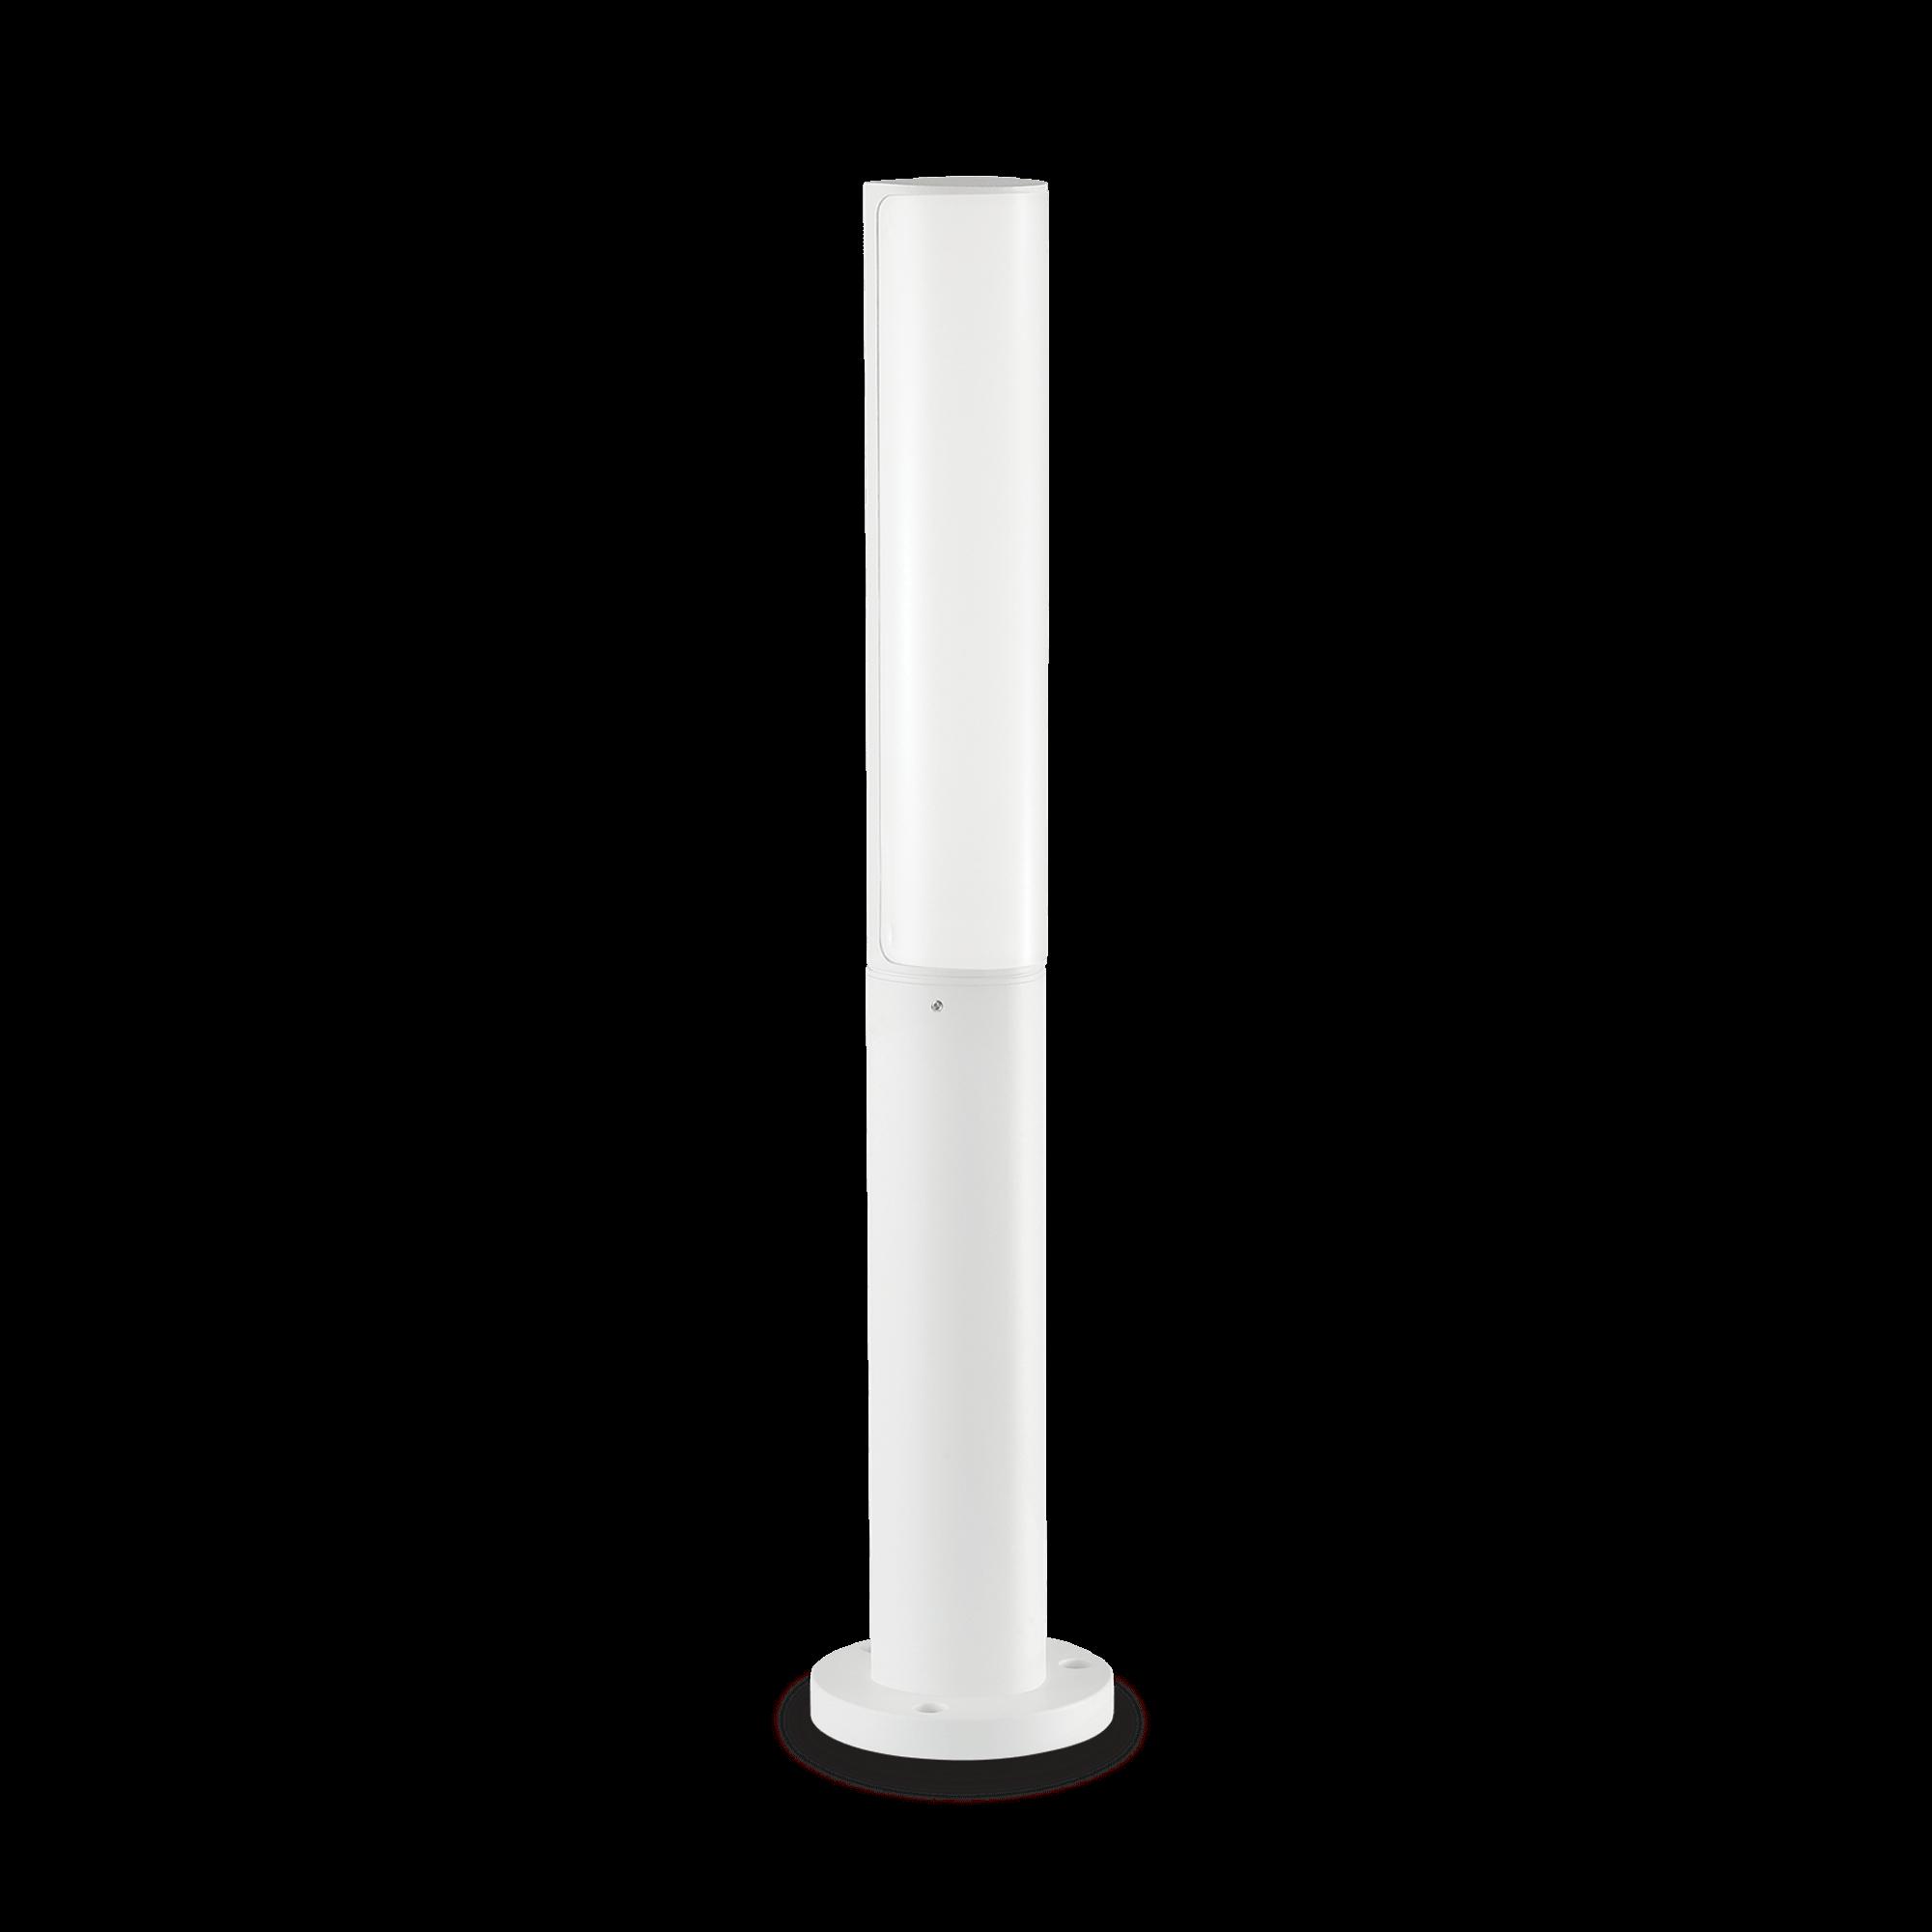 palo da esterno etere ideal lux bianco